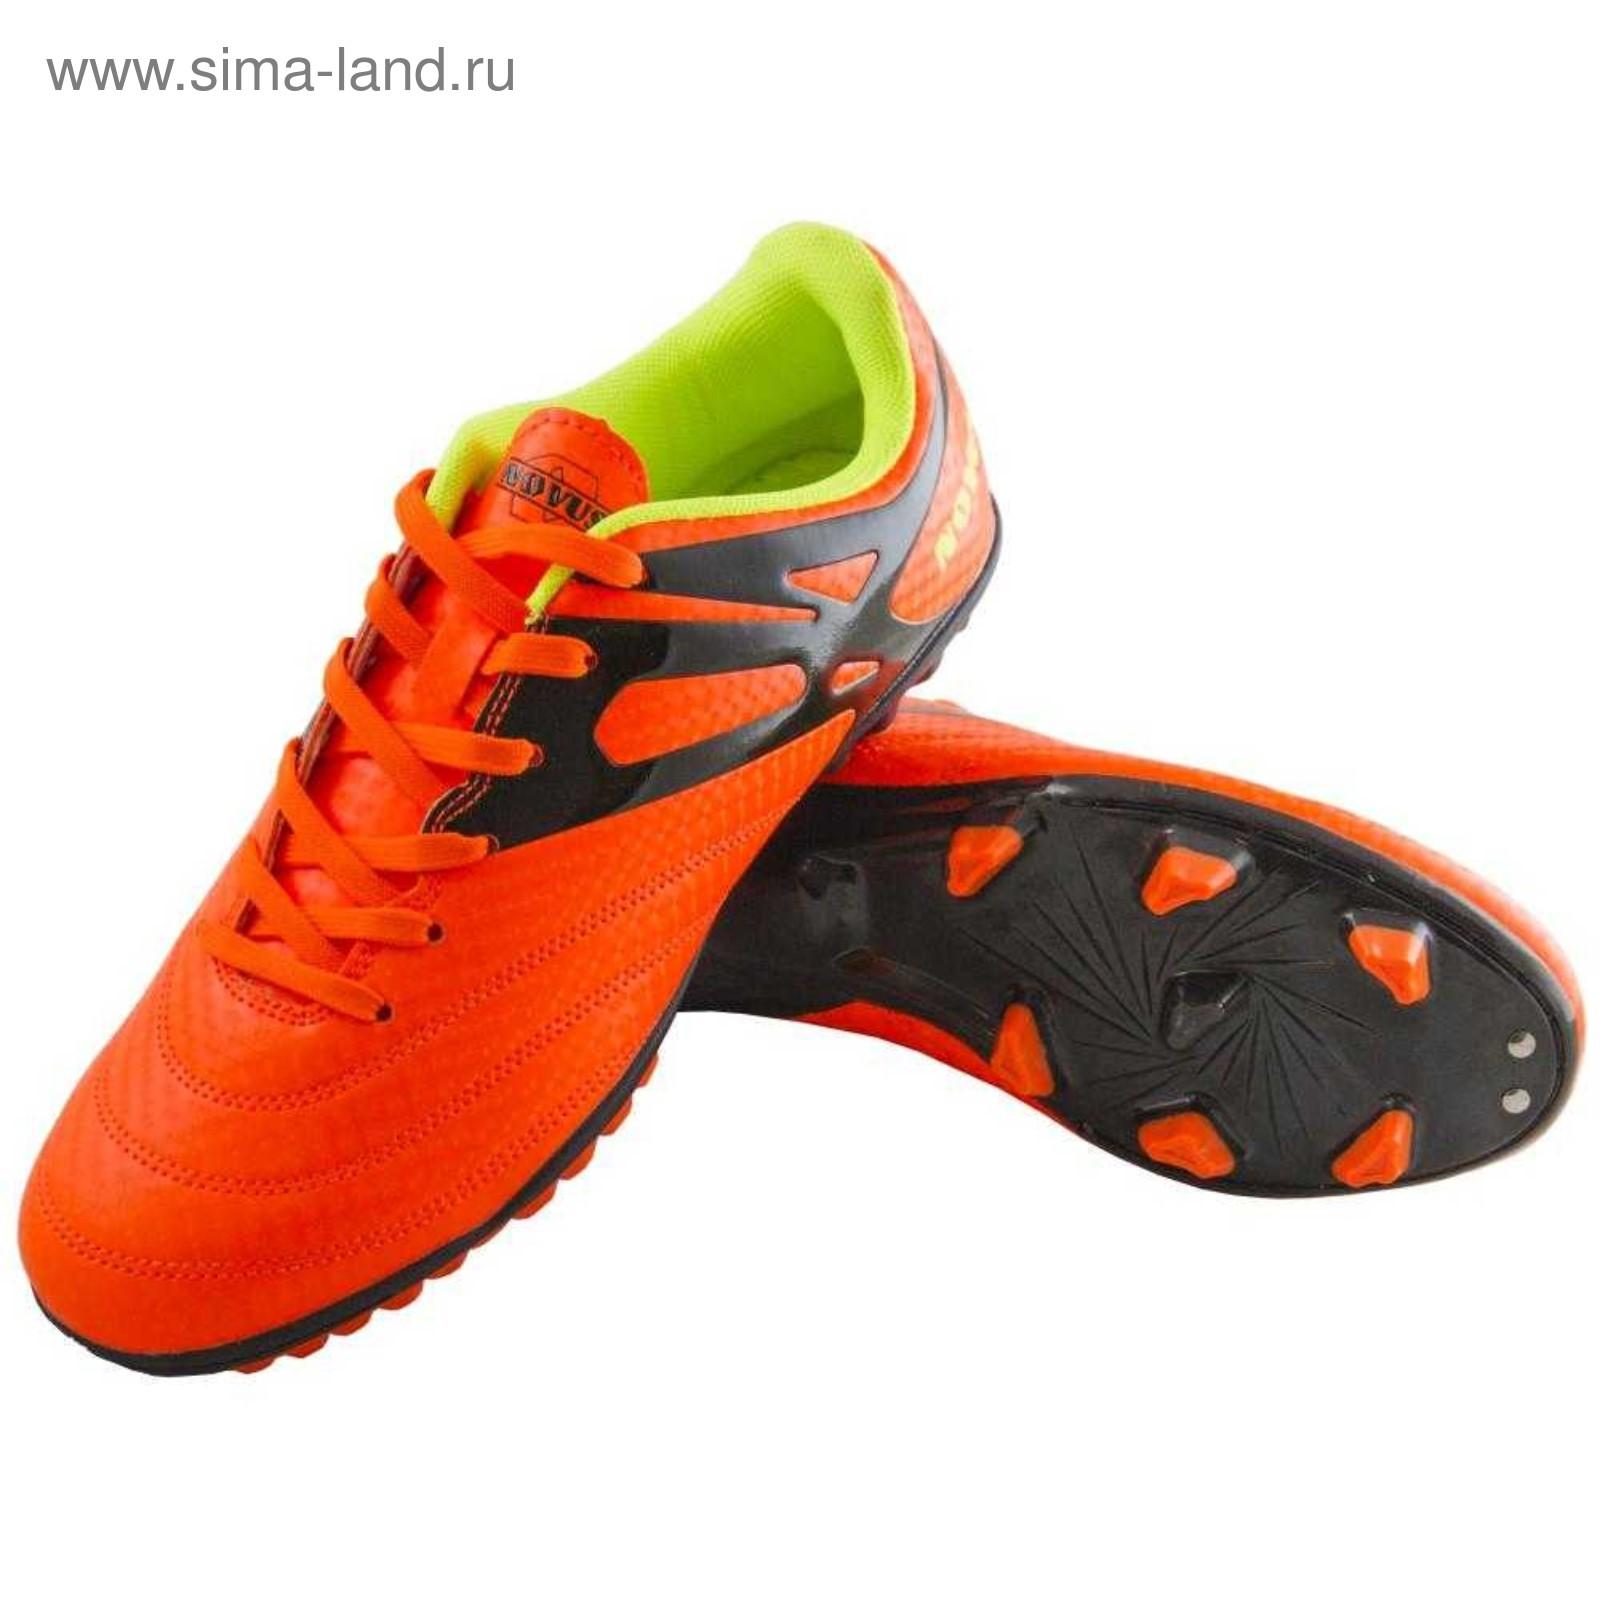 278a66bb Футбольные бутсы Novus, цвет оранжевый, размер 46 (3843809) - Купить ...